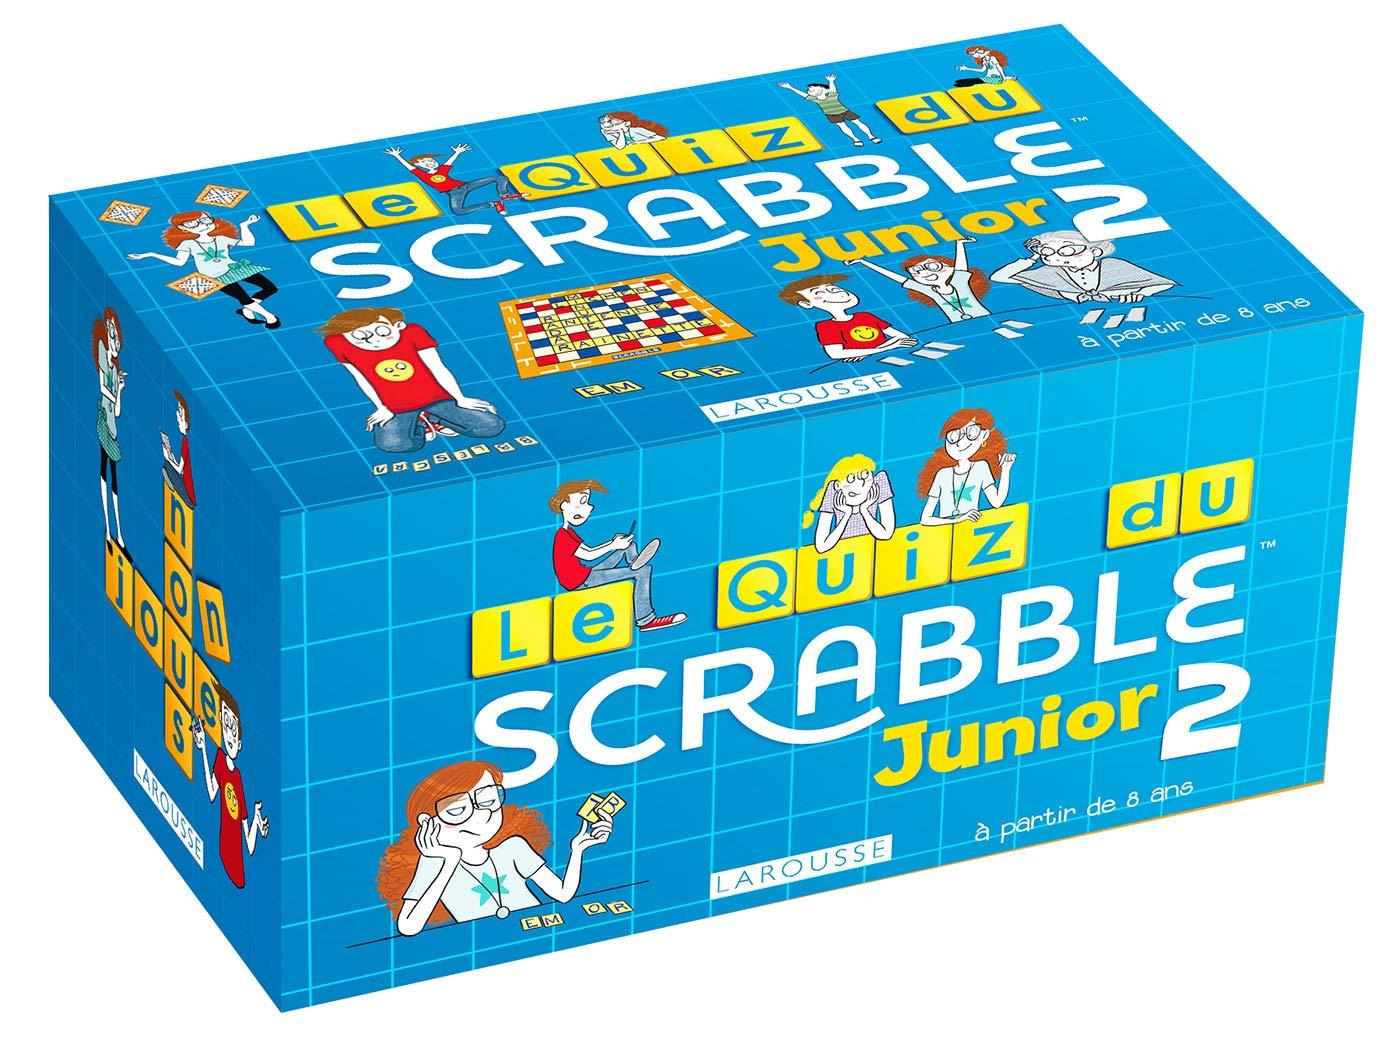 Quiz Scrabble Junior 2 (Boîtes Quiz): Amazon.es: Meyer, Aurore, MaY: Libros en idiomas extranjeros